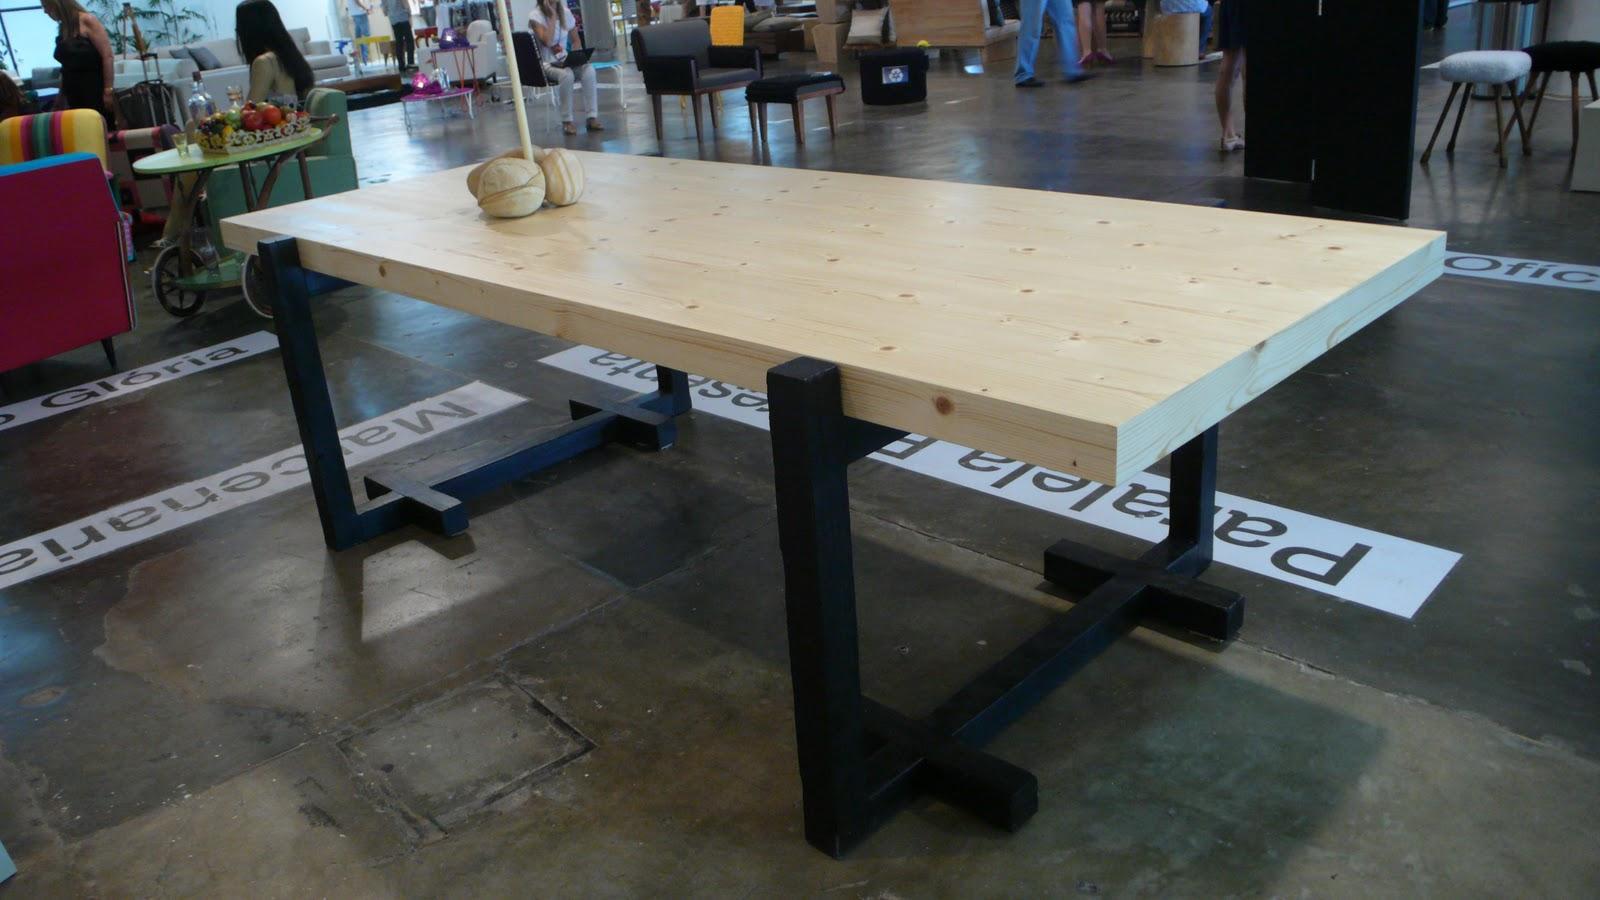 #457086 Cavaletes de madeiras mesas secretárias e muita imaginação  1600x900 px cavalete para mesa de madeira @ bernauer.info Móveis Antigos Novos E Usados Online